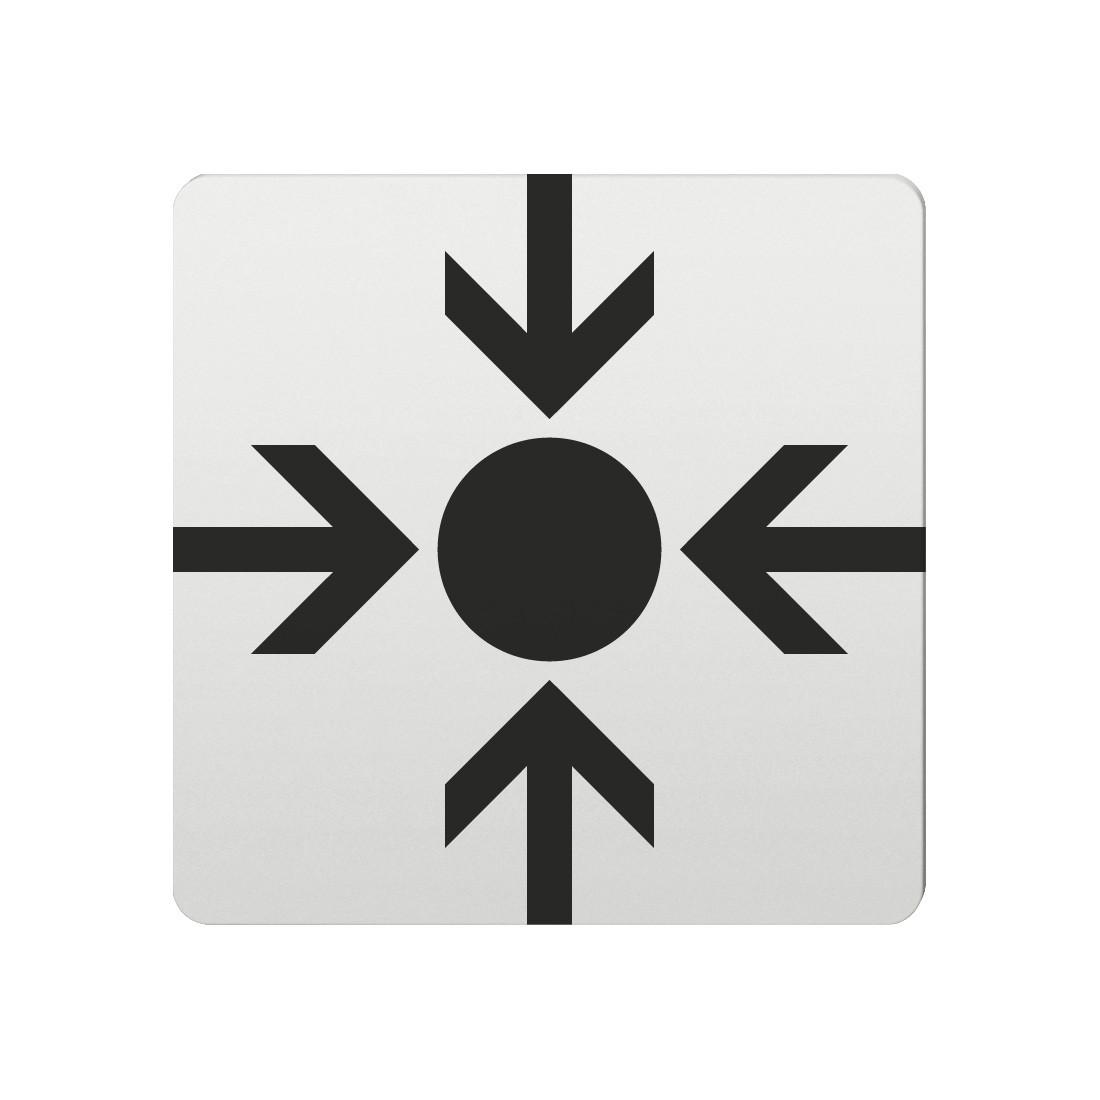 FSB Hinweiszeichen Treffpunkt Lasergraviert Aluminium naturfarbig (0 36 4059 00022 0105)